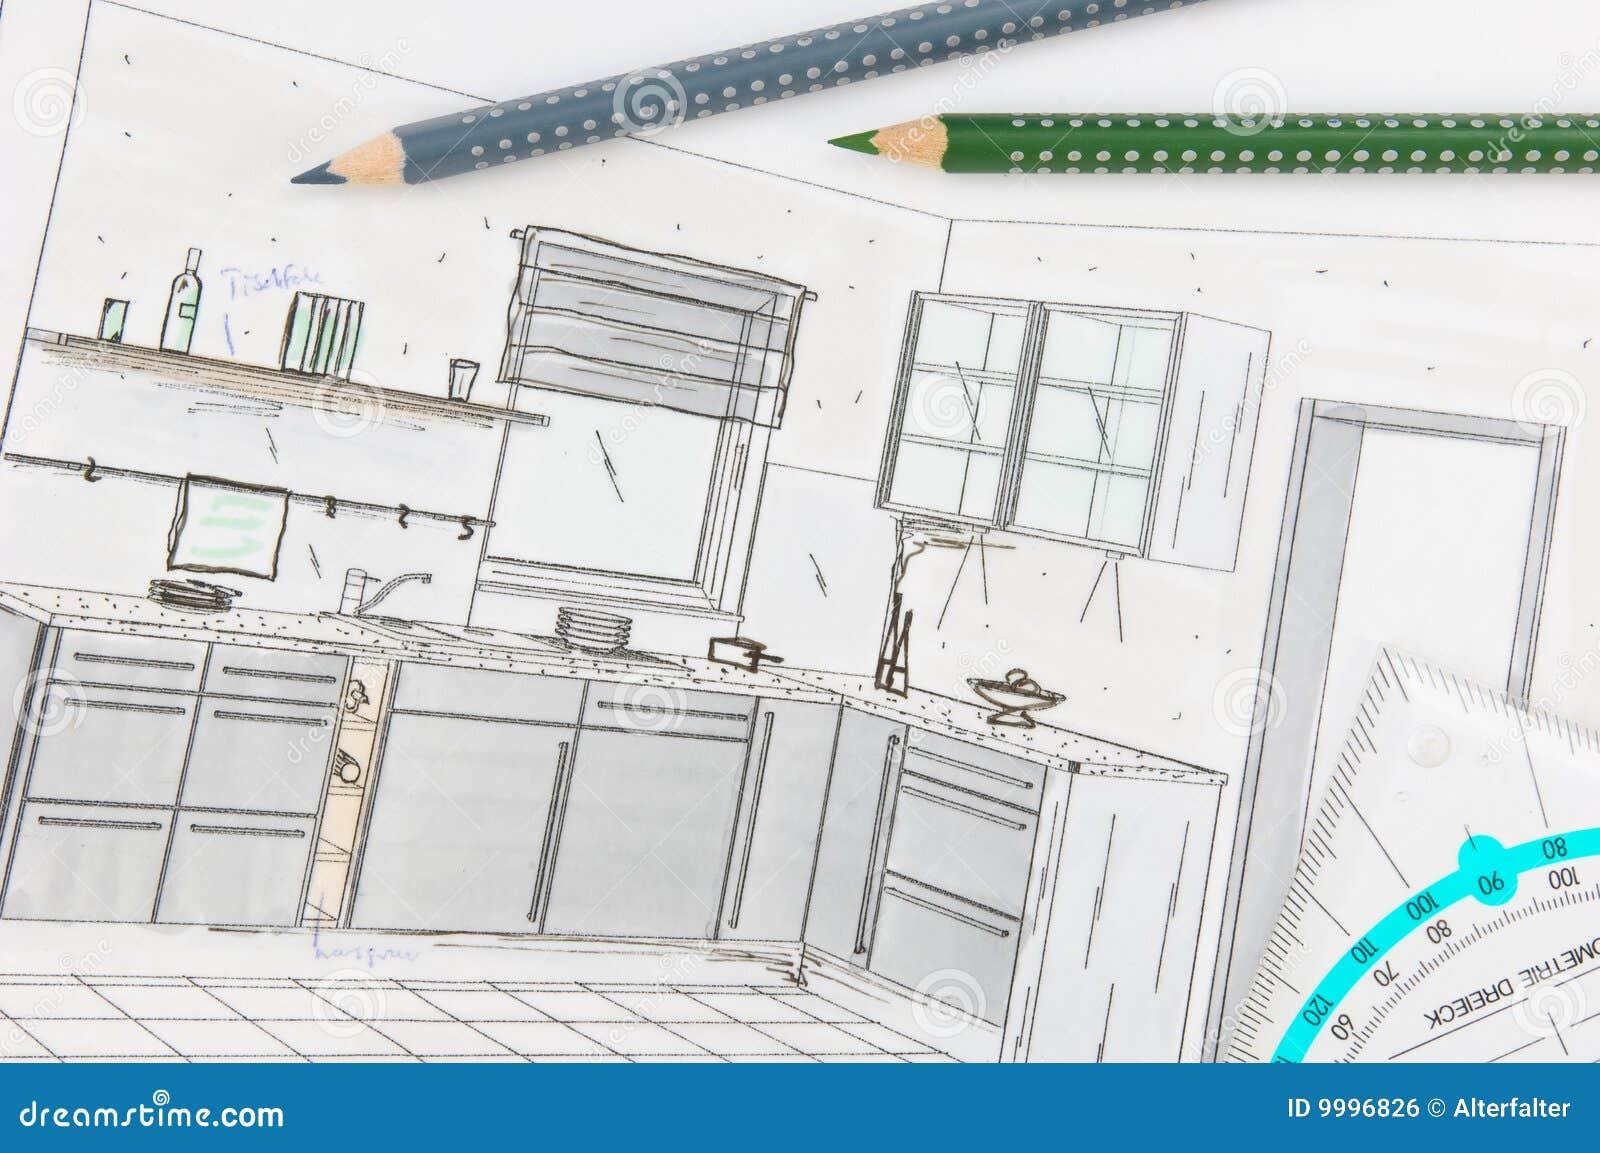 Planification de cuisine image libre de droits image for Cuisine planification